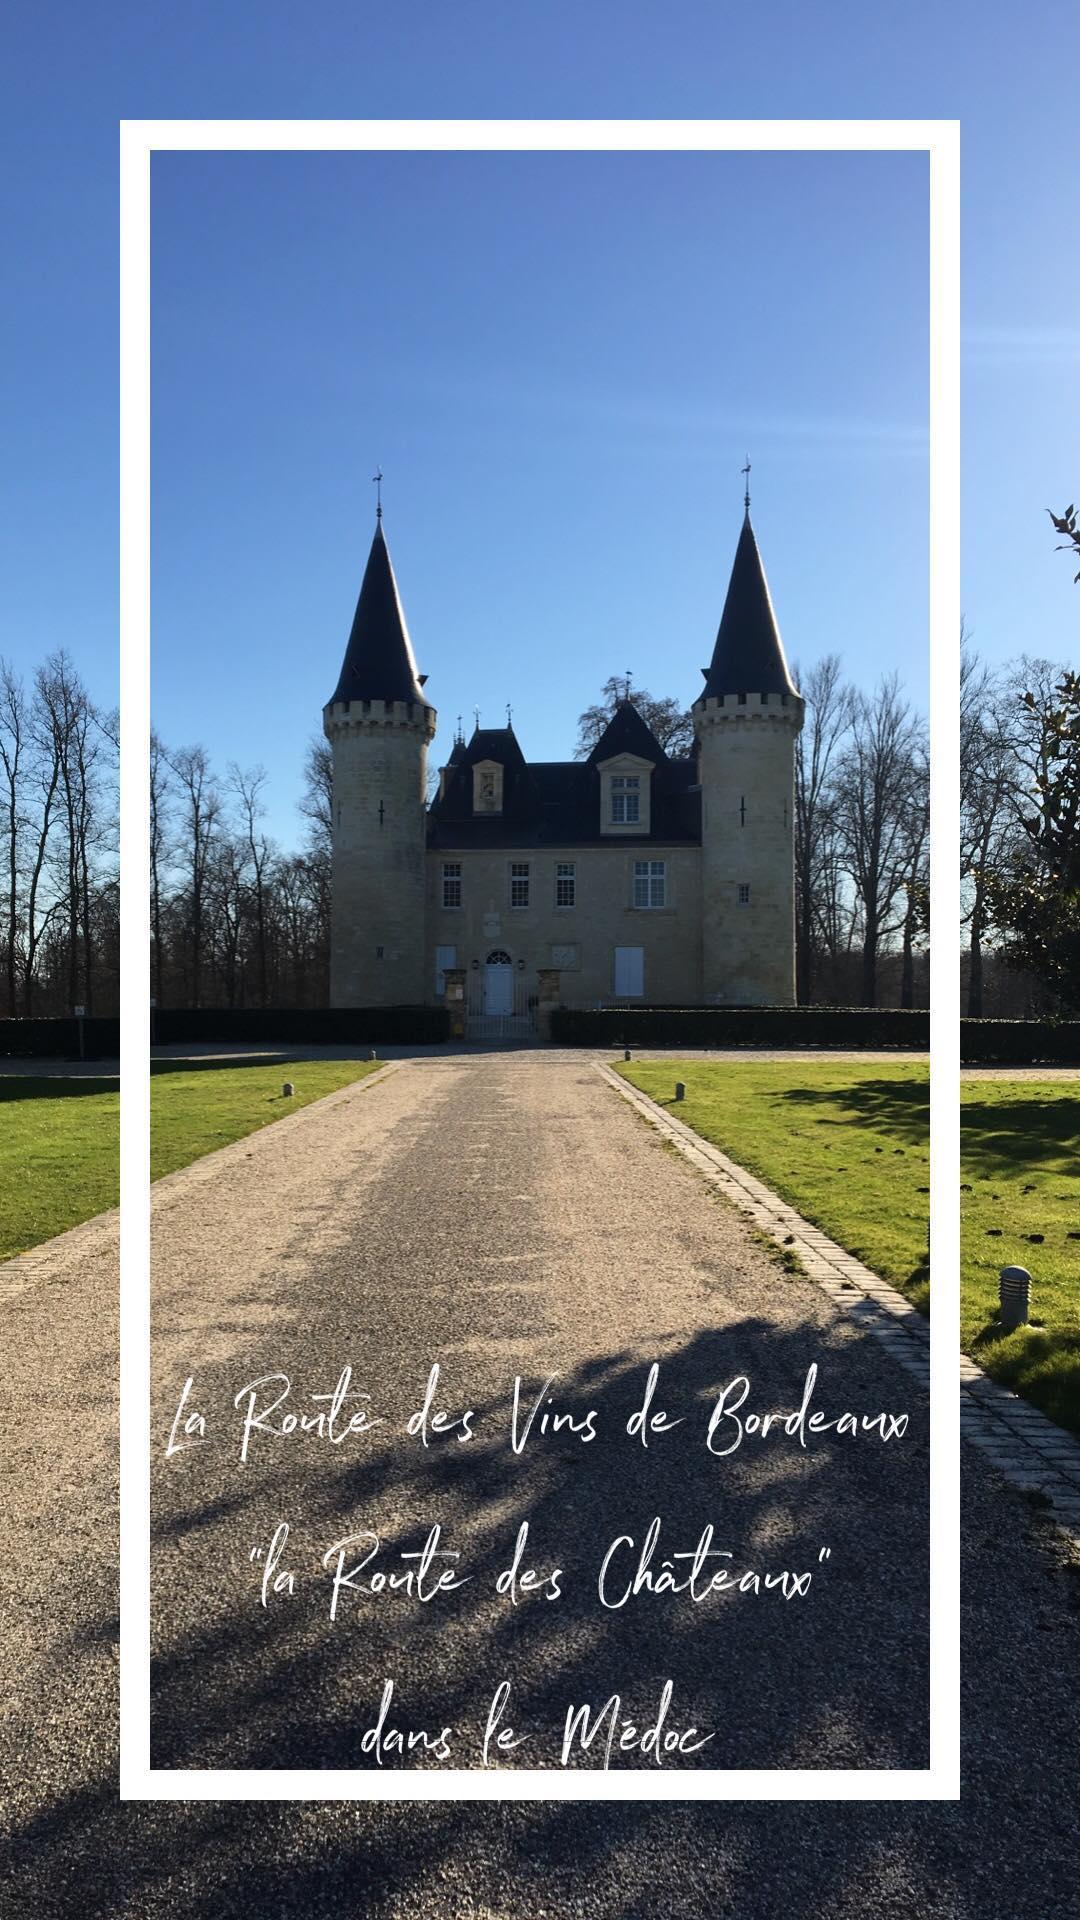 qué visitar en Francia - Burdeos castillos